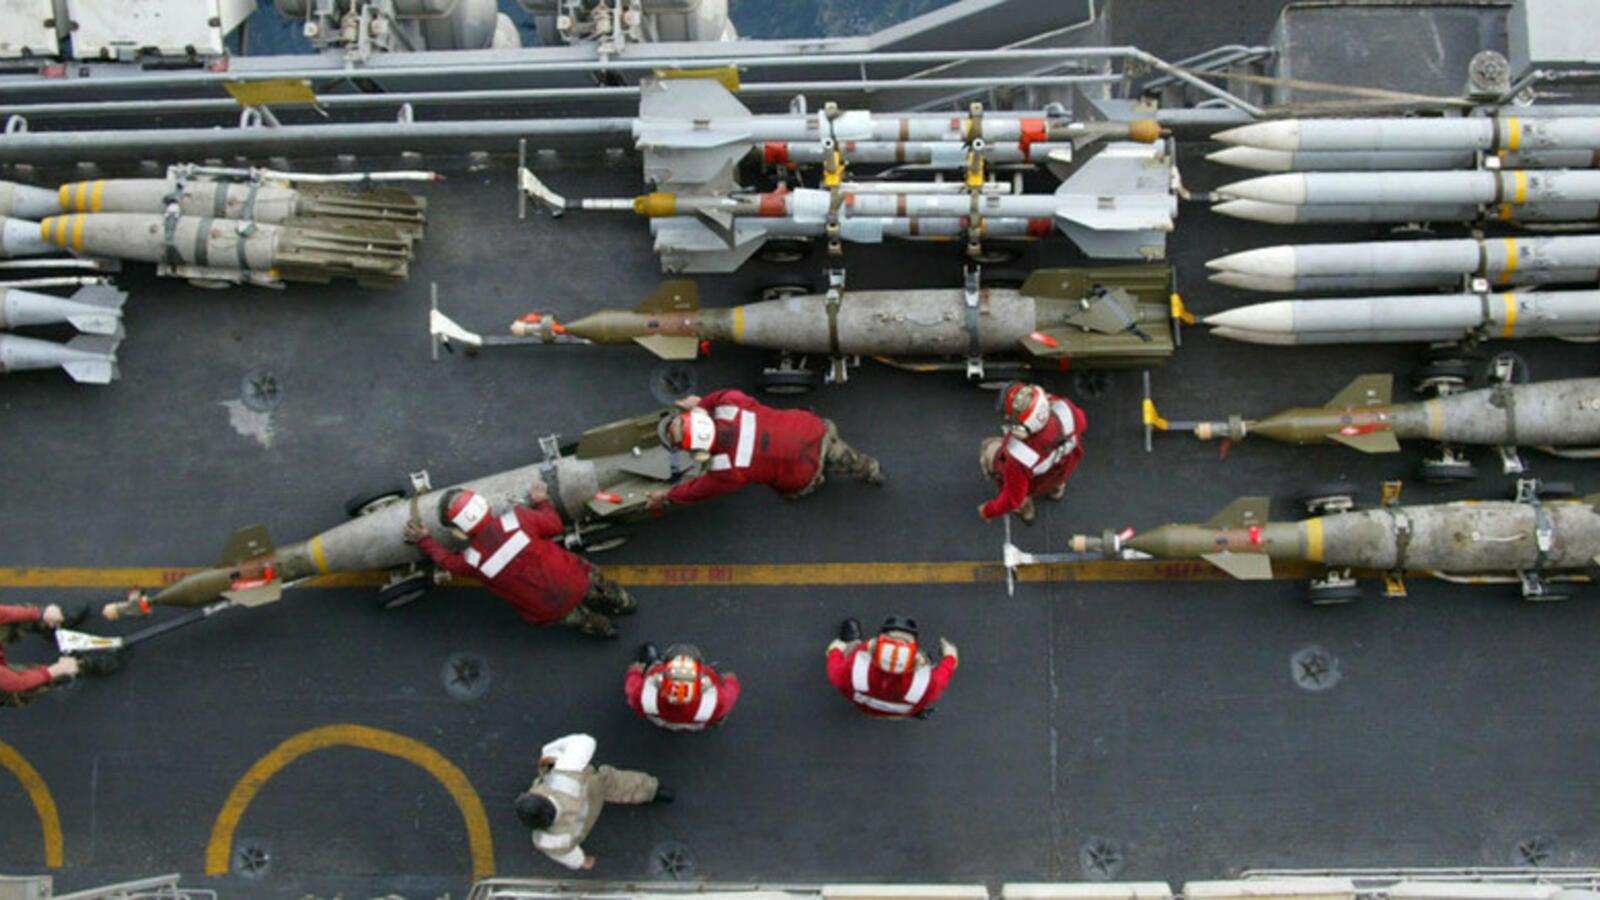 تصدير الأسلحة البريطانية للسعودية أثار انتقاد عديد المؤسسات الحقوقية